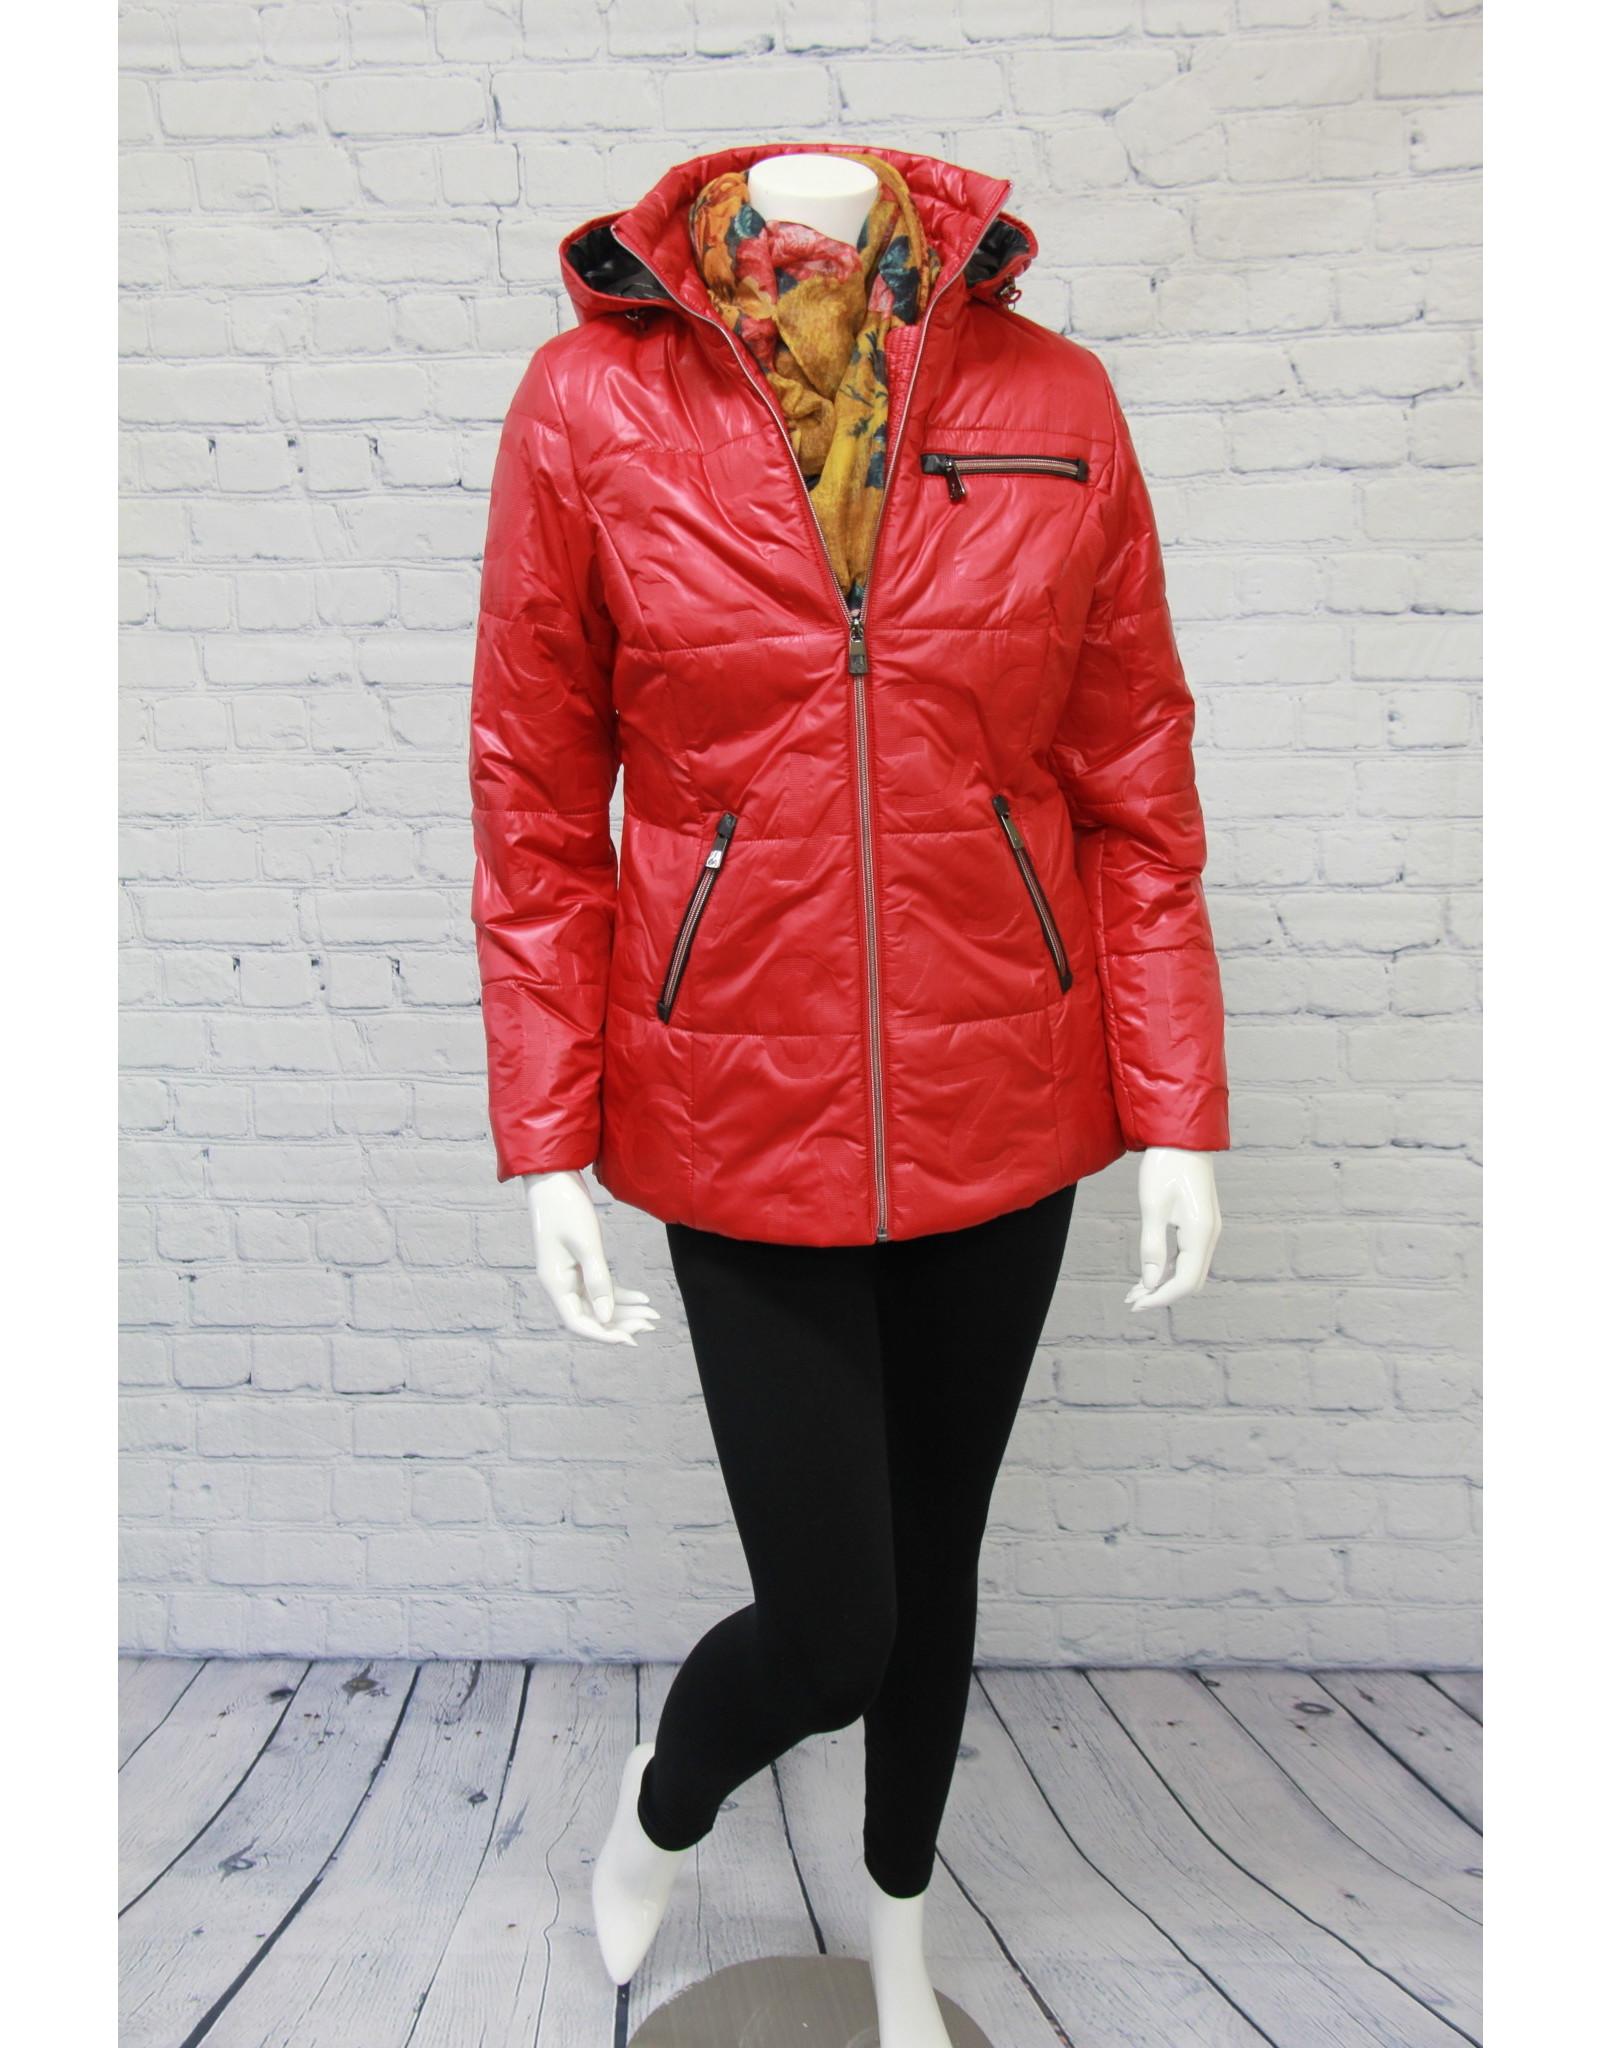 Junge Scarlet Jacket with Removable Hood